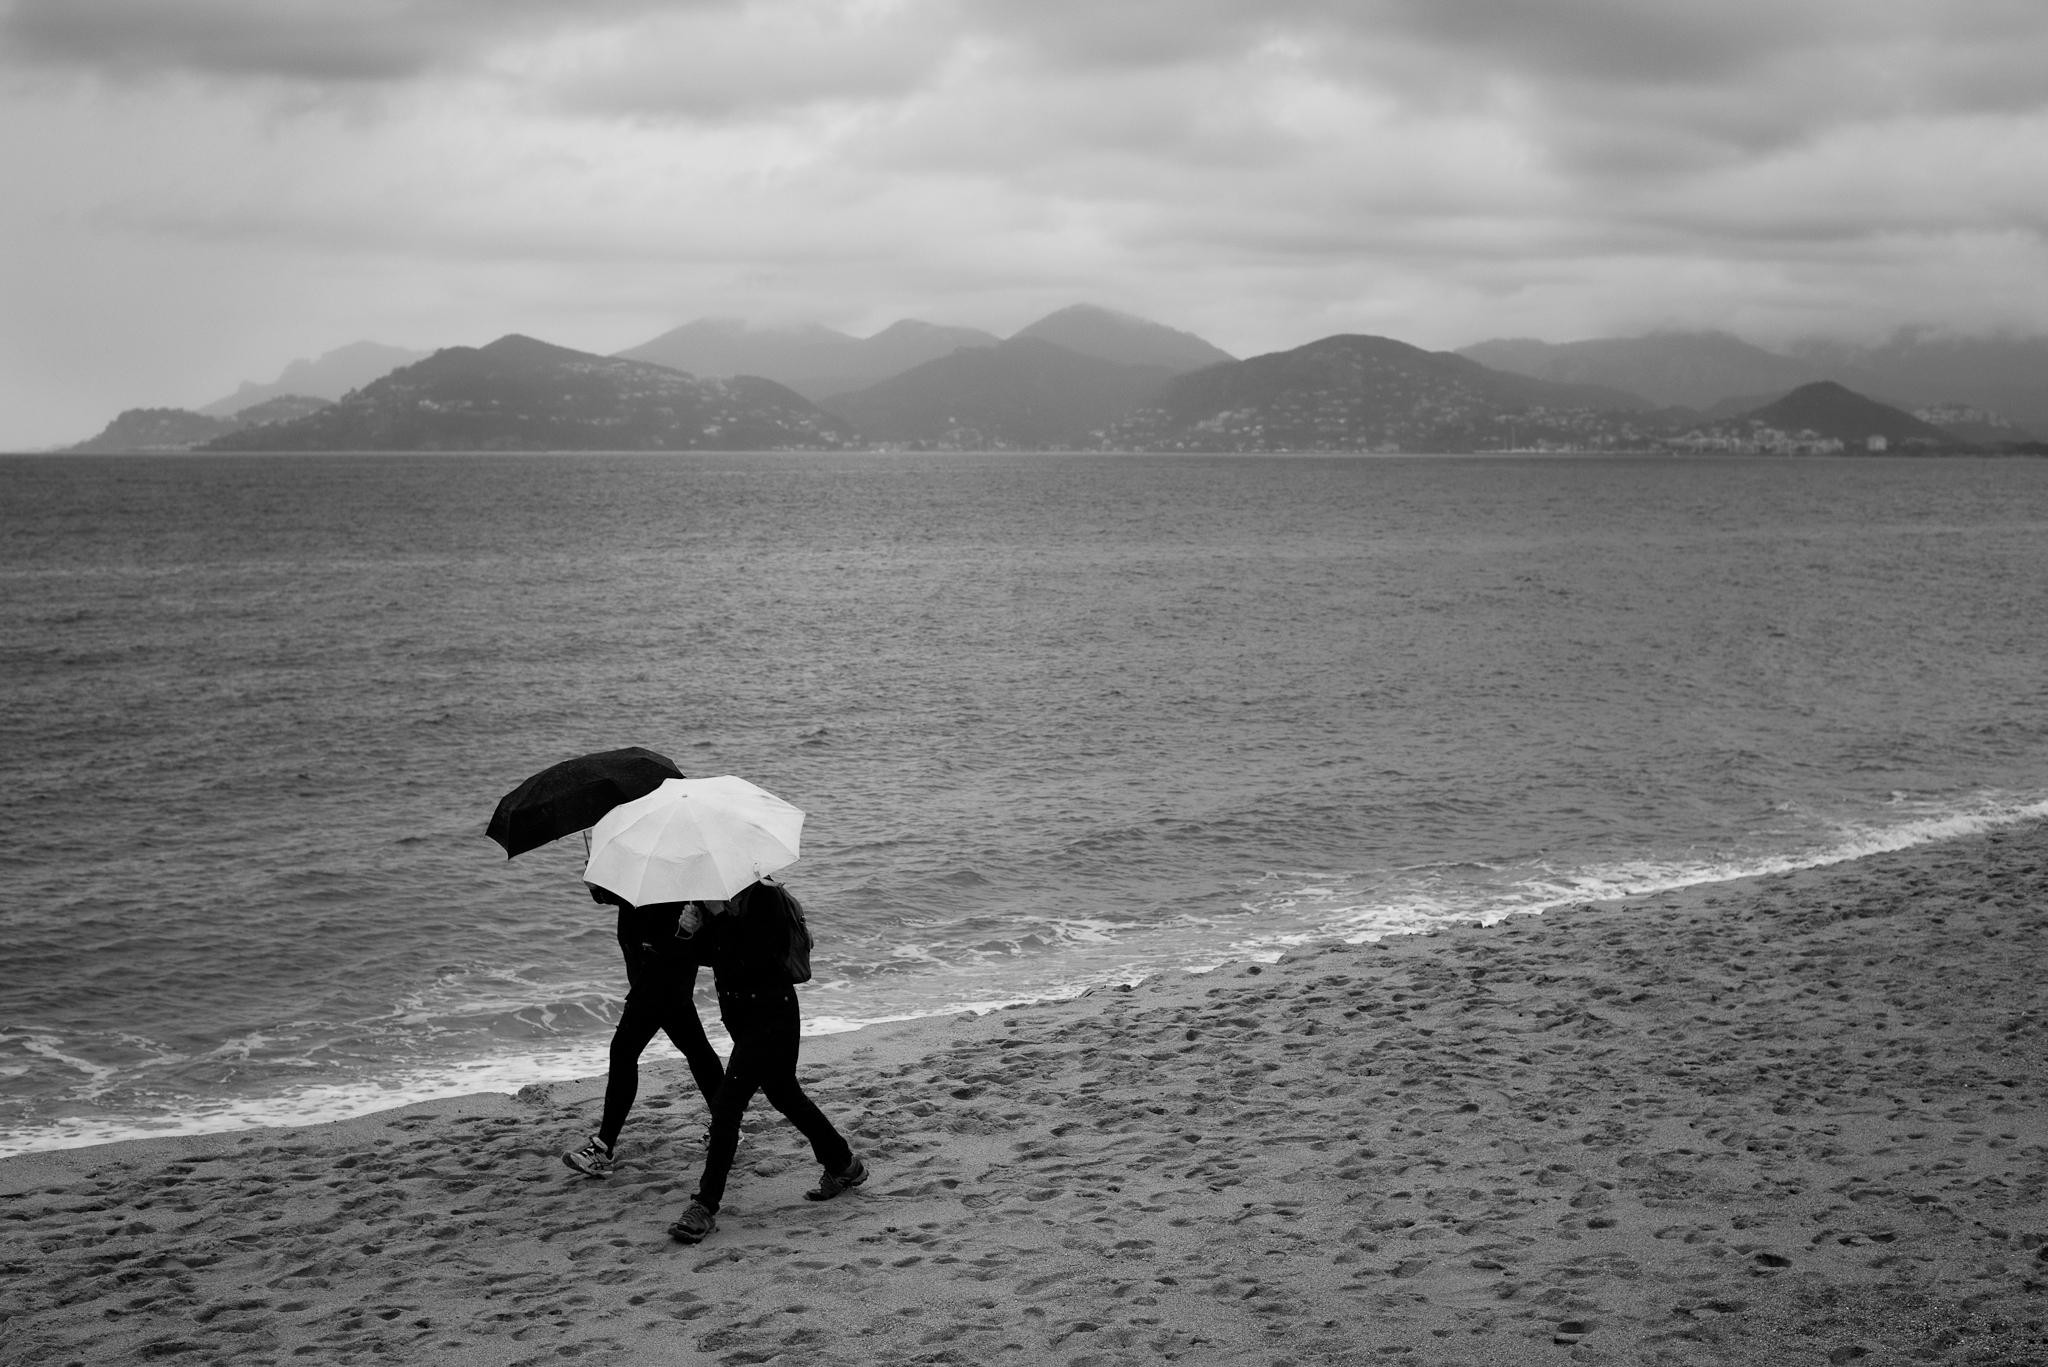 148305壁紙のダウンロードその他, 雑, ピープル, 傘, 雨, 海, ビーチ-スクリーンセーバーと写真を無料で